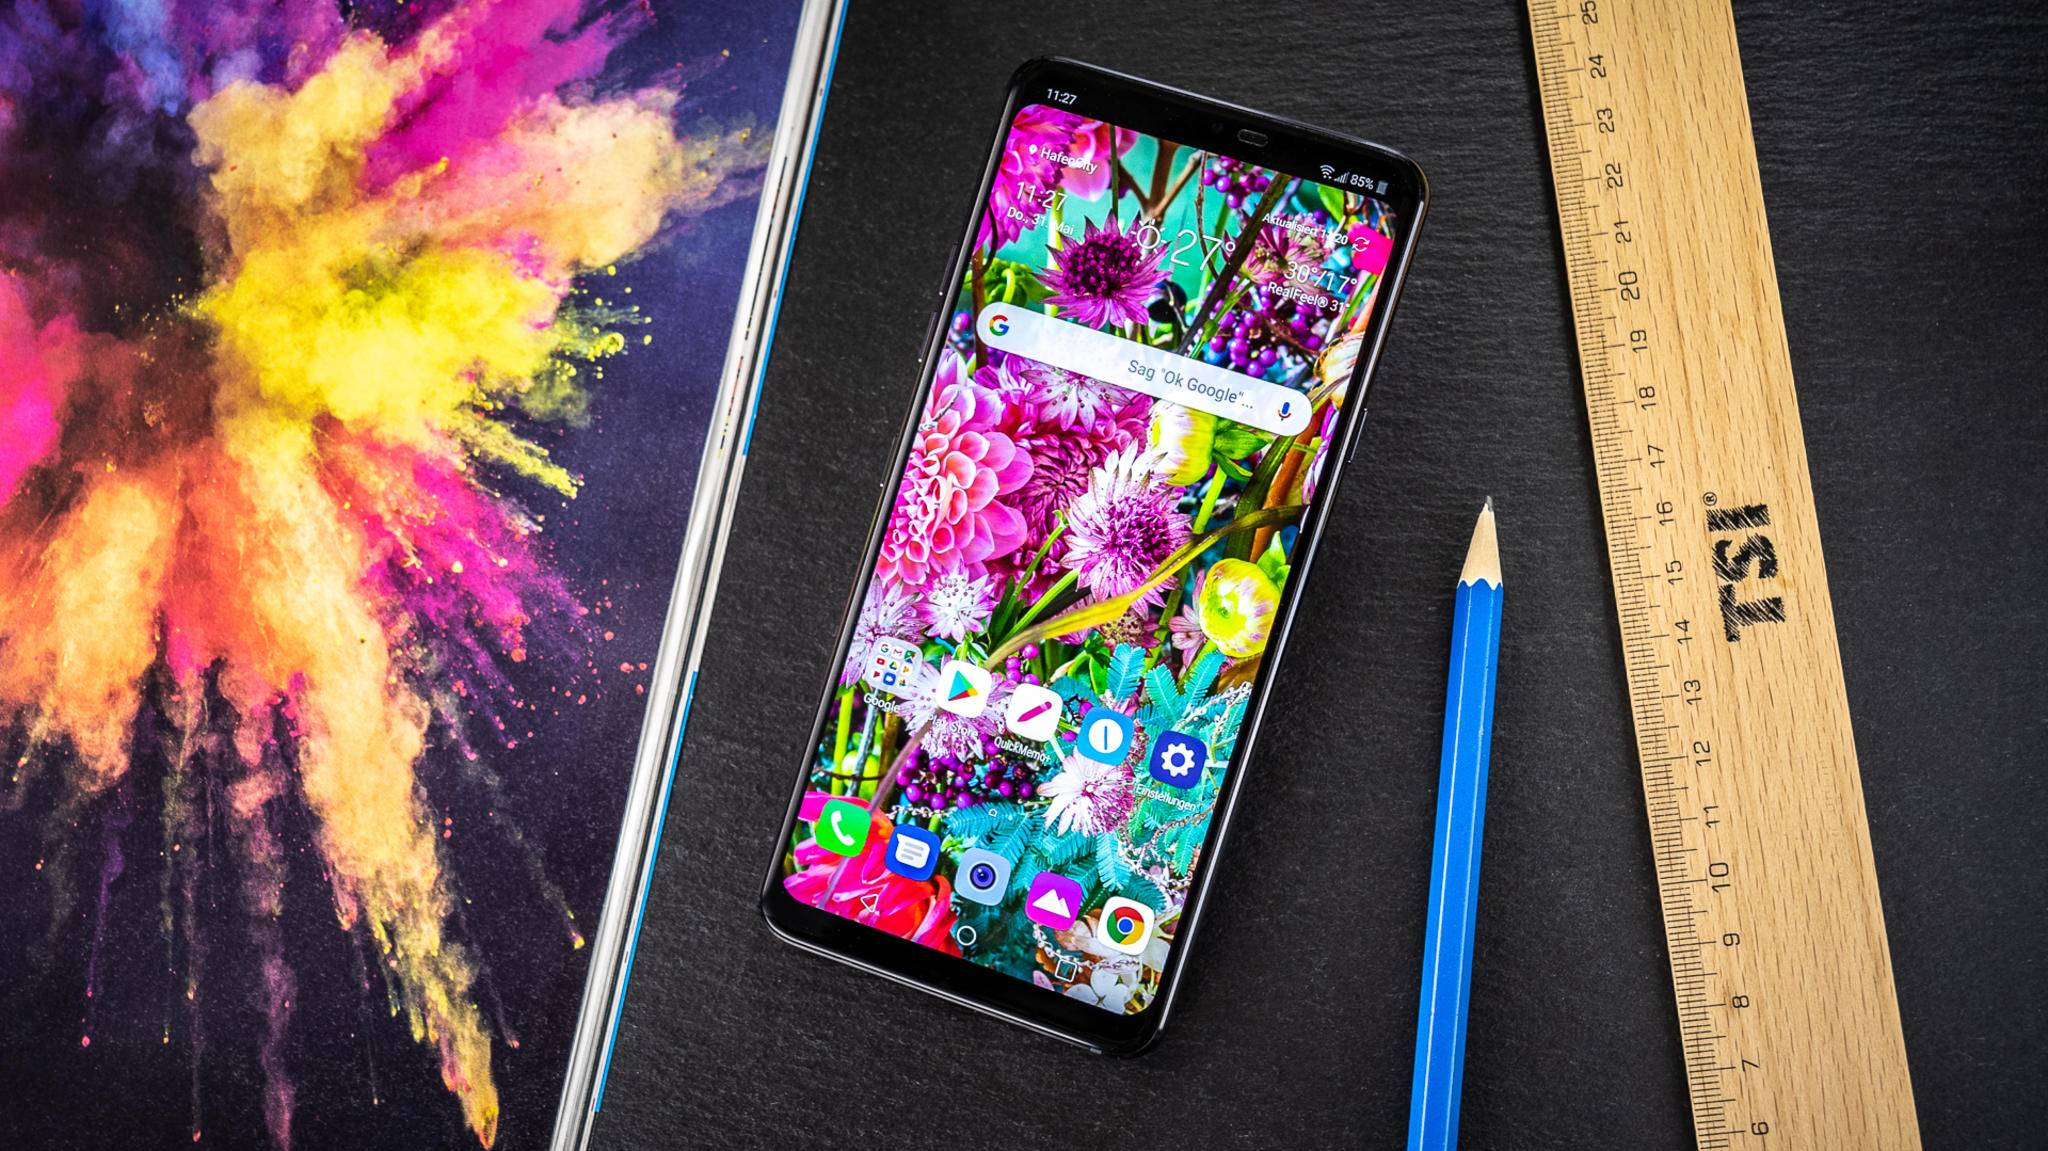 Das LG G7 ThinQ überzeugt unter anderem mit einem sehr hellen Display.